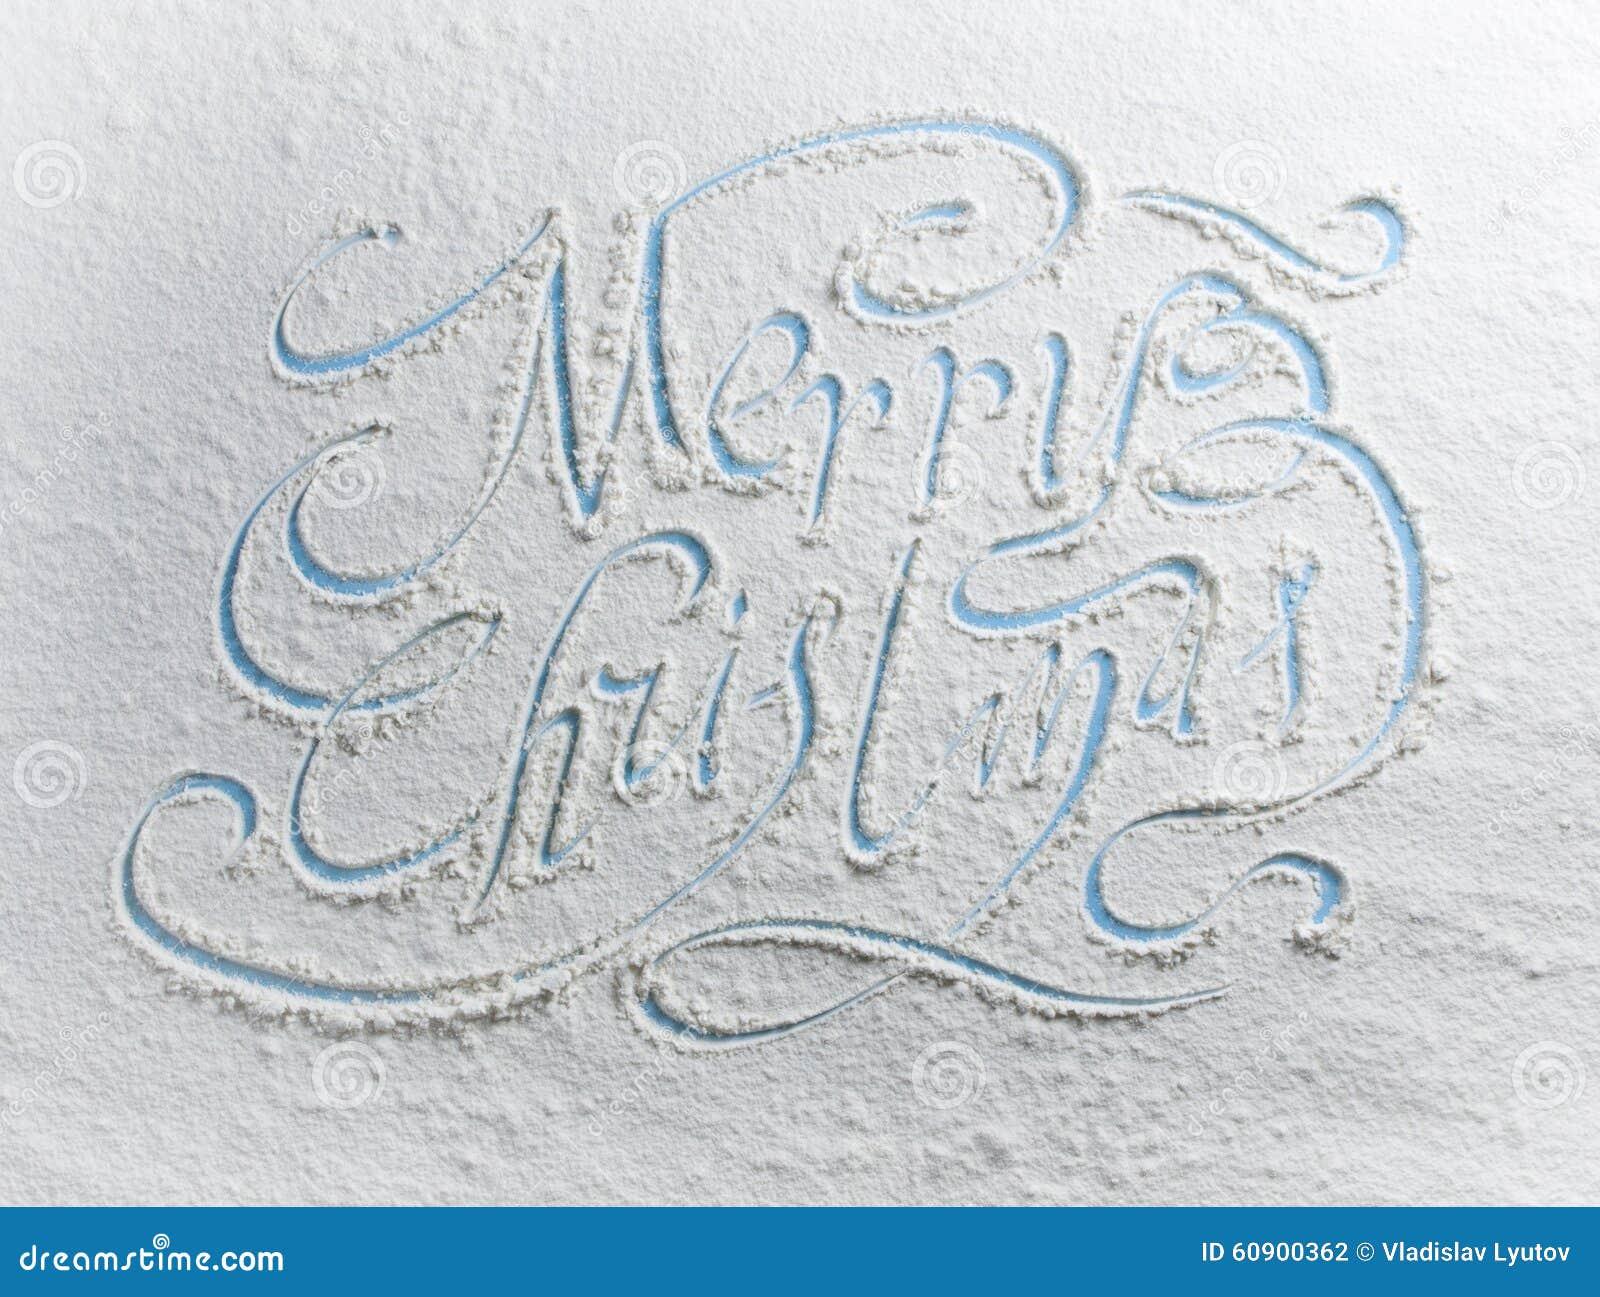 Weihnachten Wörter.Schriftliche Wörter Frohe Weihnachten Auf Einem Schnee Stockfoto